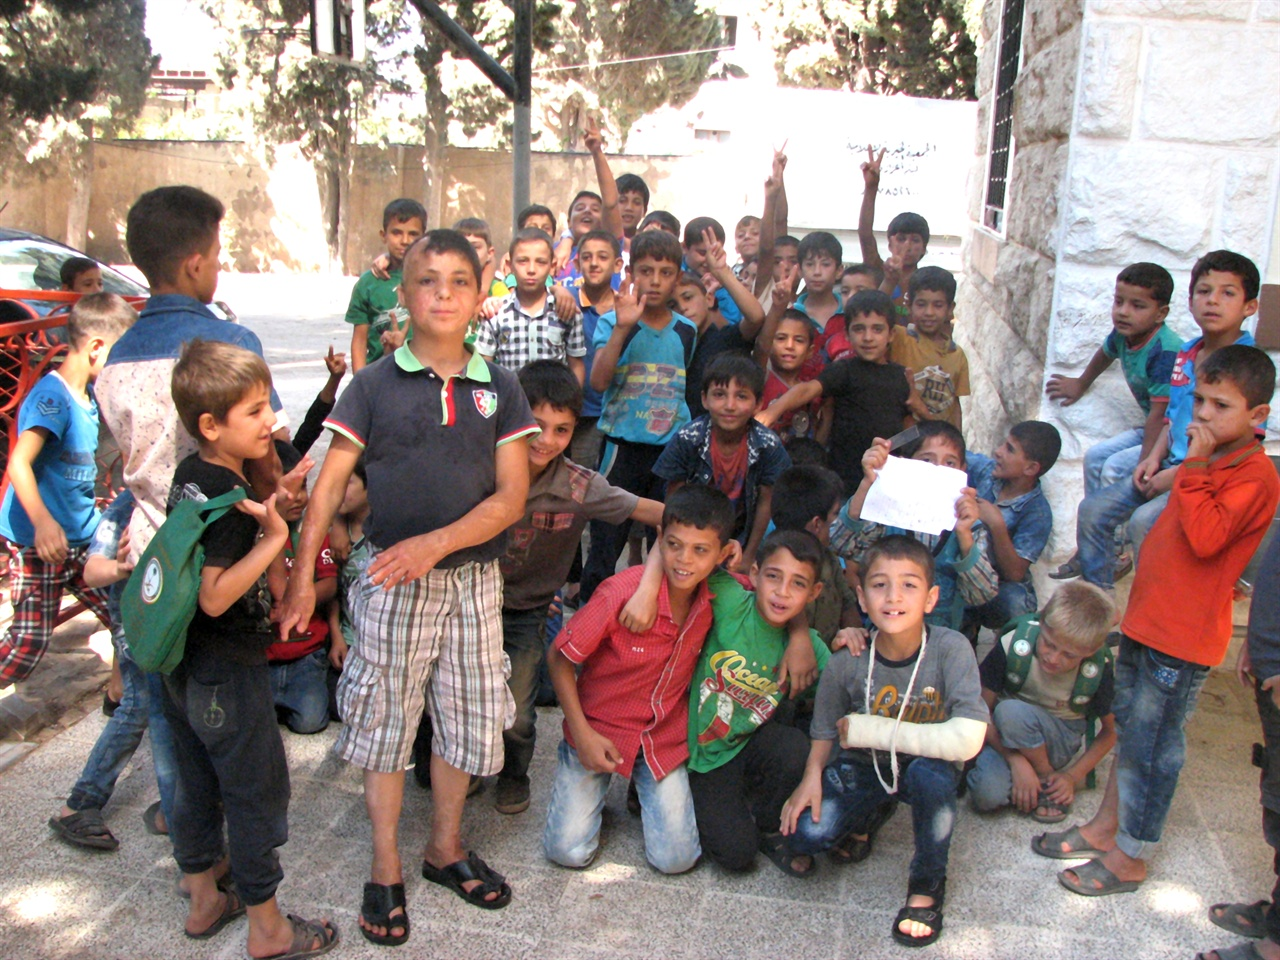 시리아 시민사진5  난민들이 몰리면서 국경 도시에 있는 학교들은 아이들로 넘쳐난다. 천진난만한 개구쟁이들처럼 보이지만 한커풀만 벗겨도 전쟁으로 얻은 심리적 신체적 상처가 깊은 아이들이다.